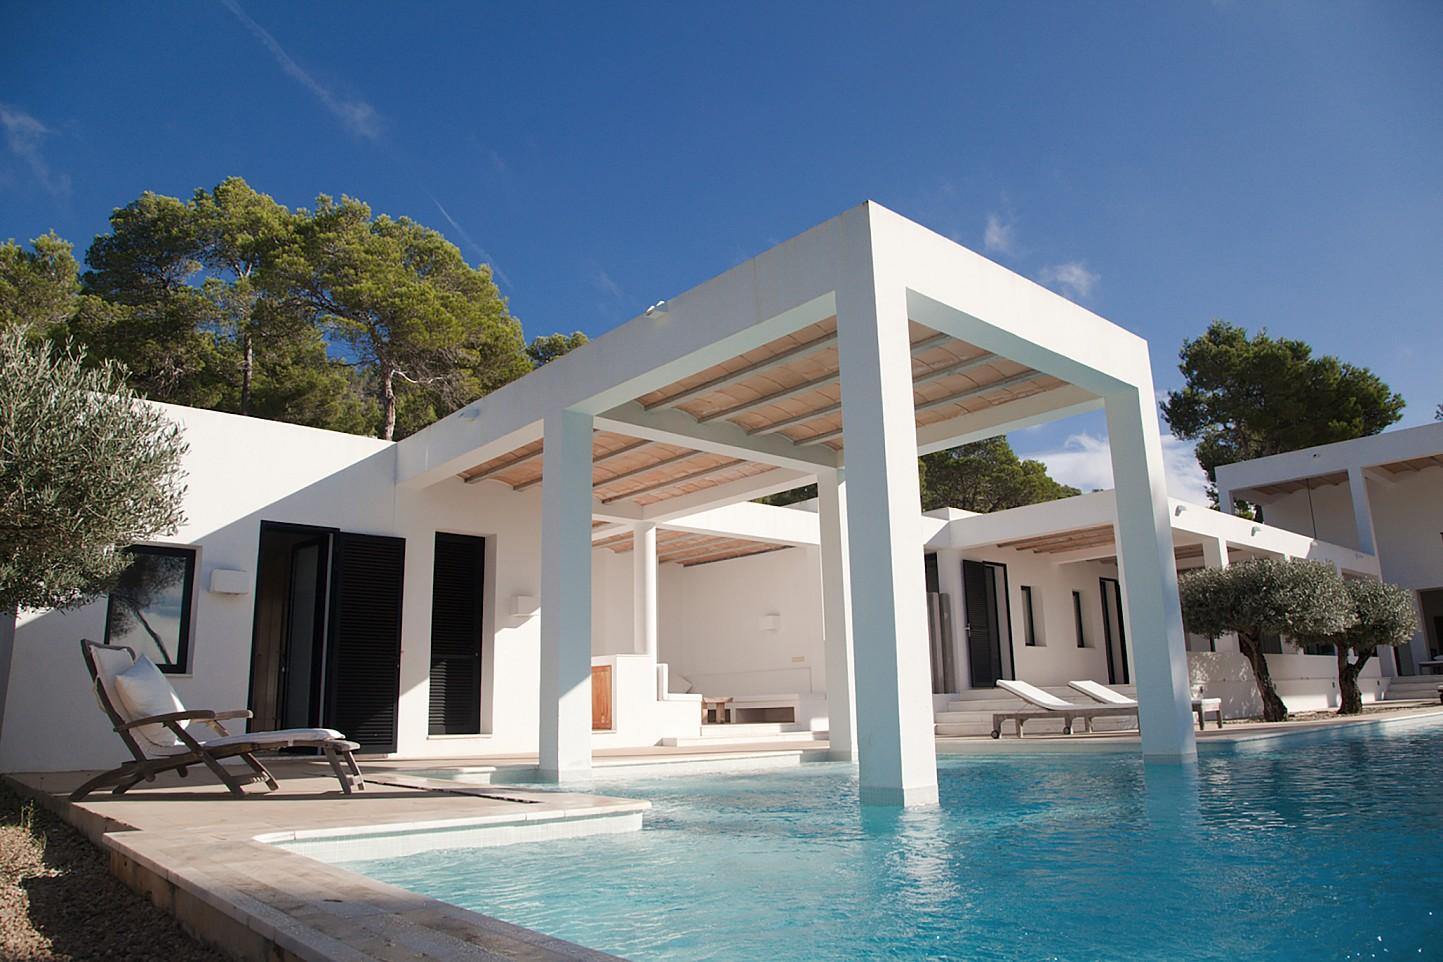 Minimalista casa en alquiler cerca de san carlos ibiza for Renta casa minimalista cancun